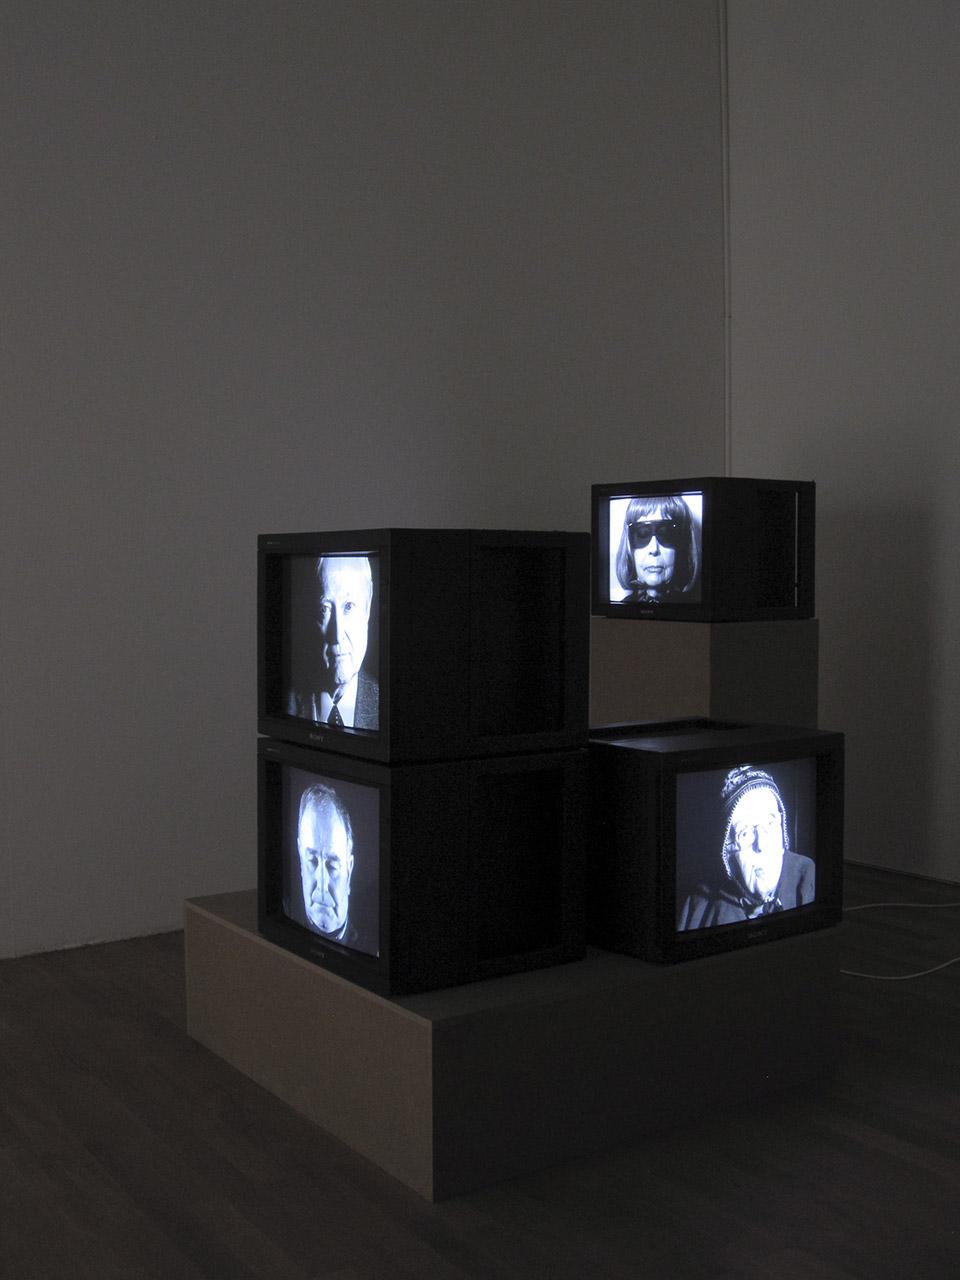 Clare-Goodwin-Kunsthalle-Winterthur-2012-4.jpg